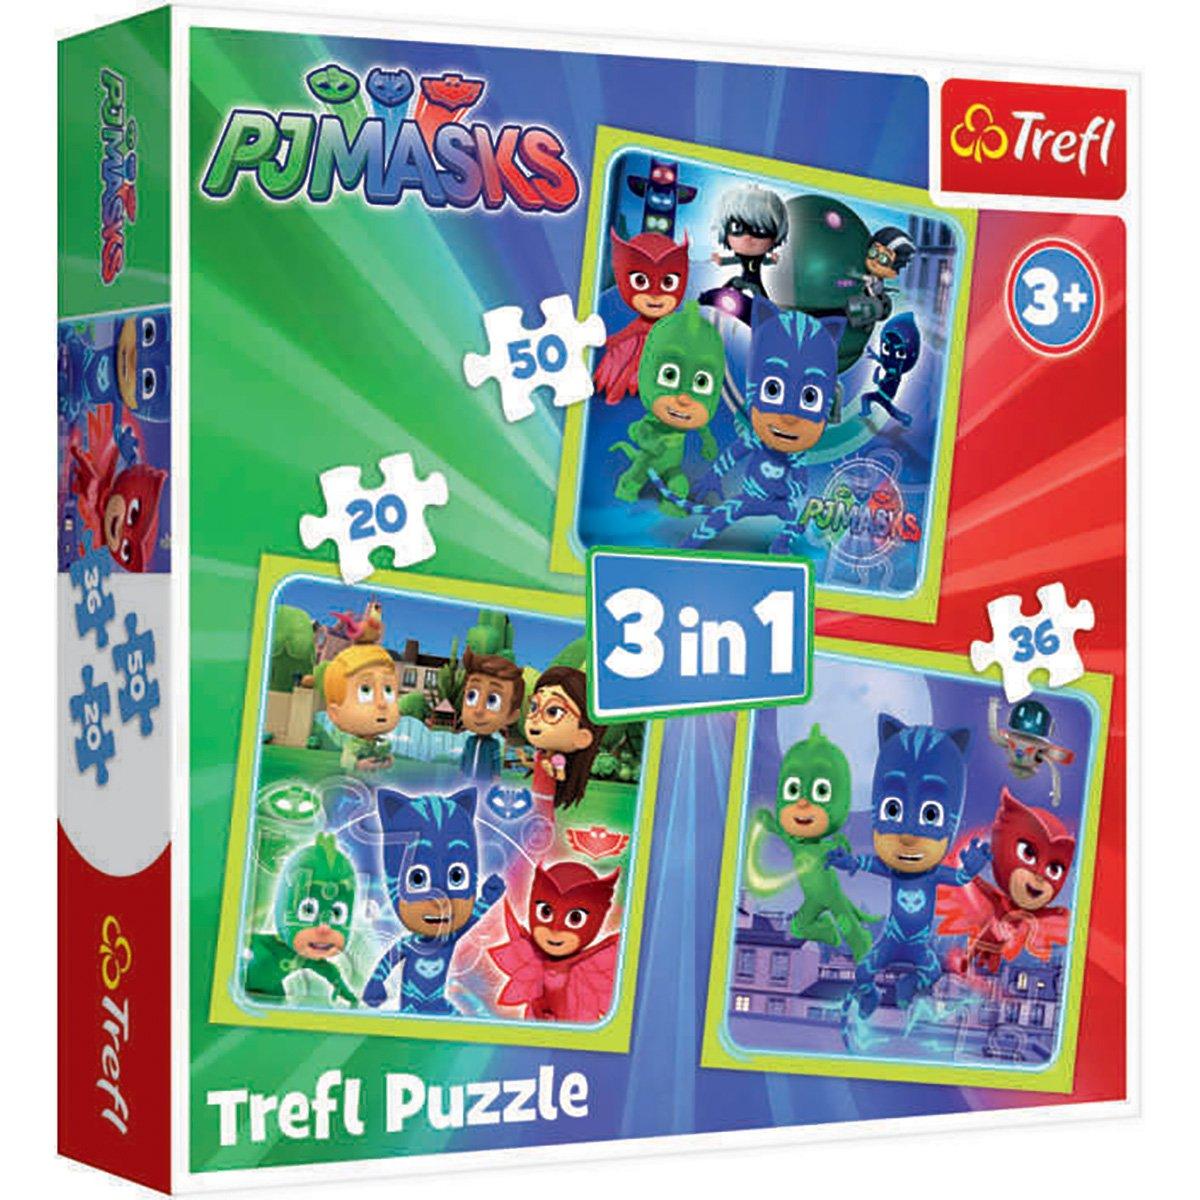 Puzzle 3 in 1 Trefl, Pj Masks, Gata de actiune (20, 36, 50 piese) imagine